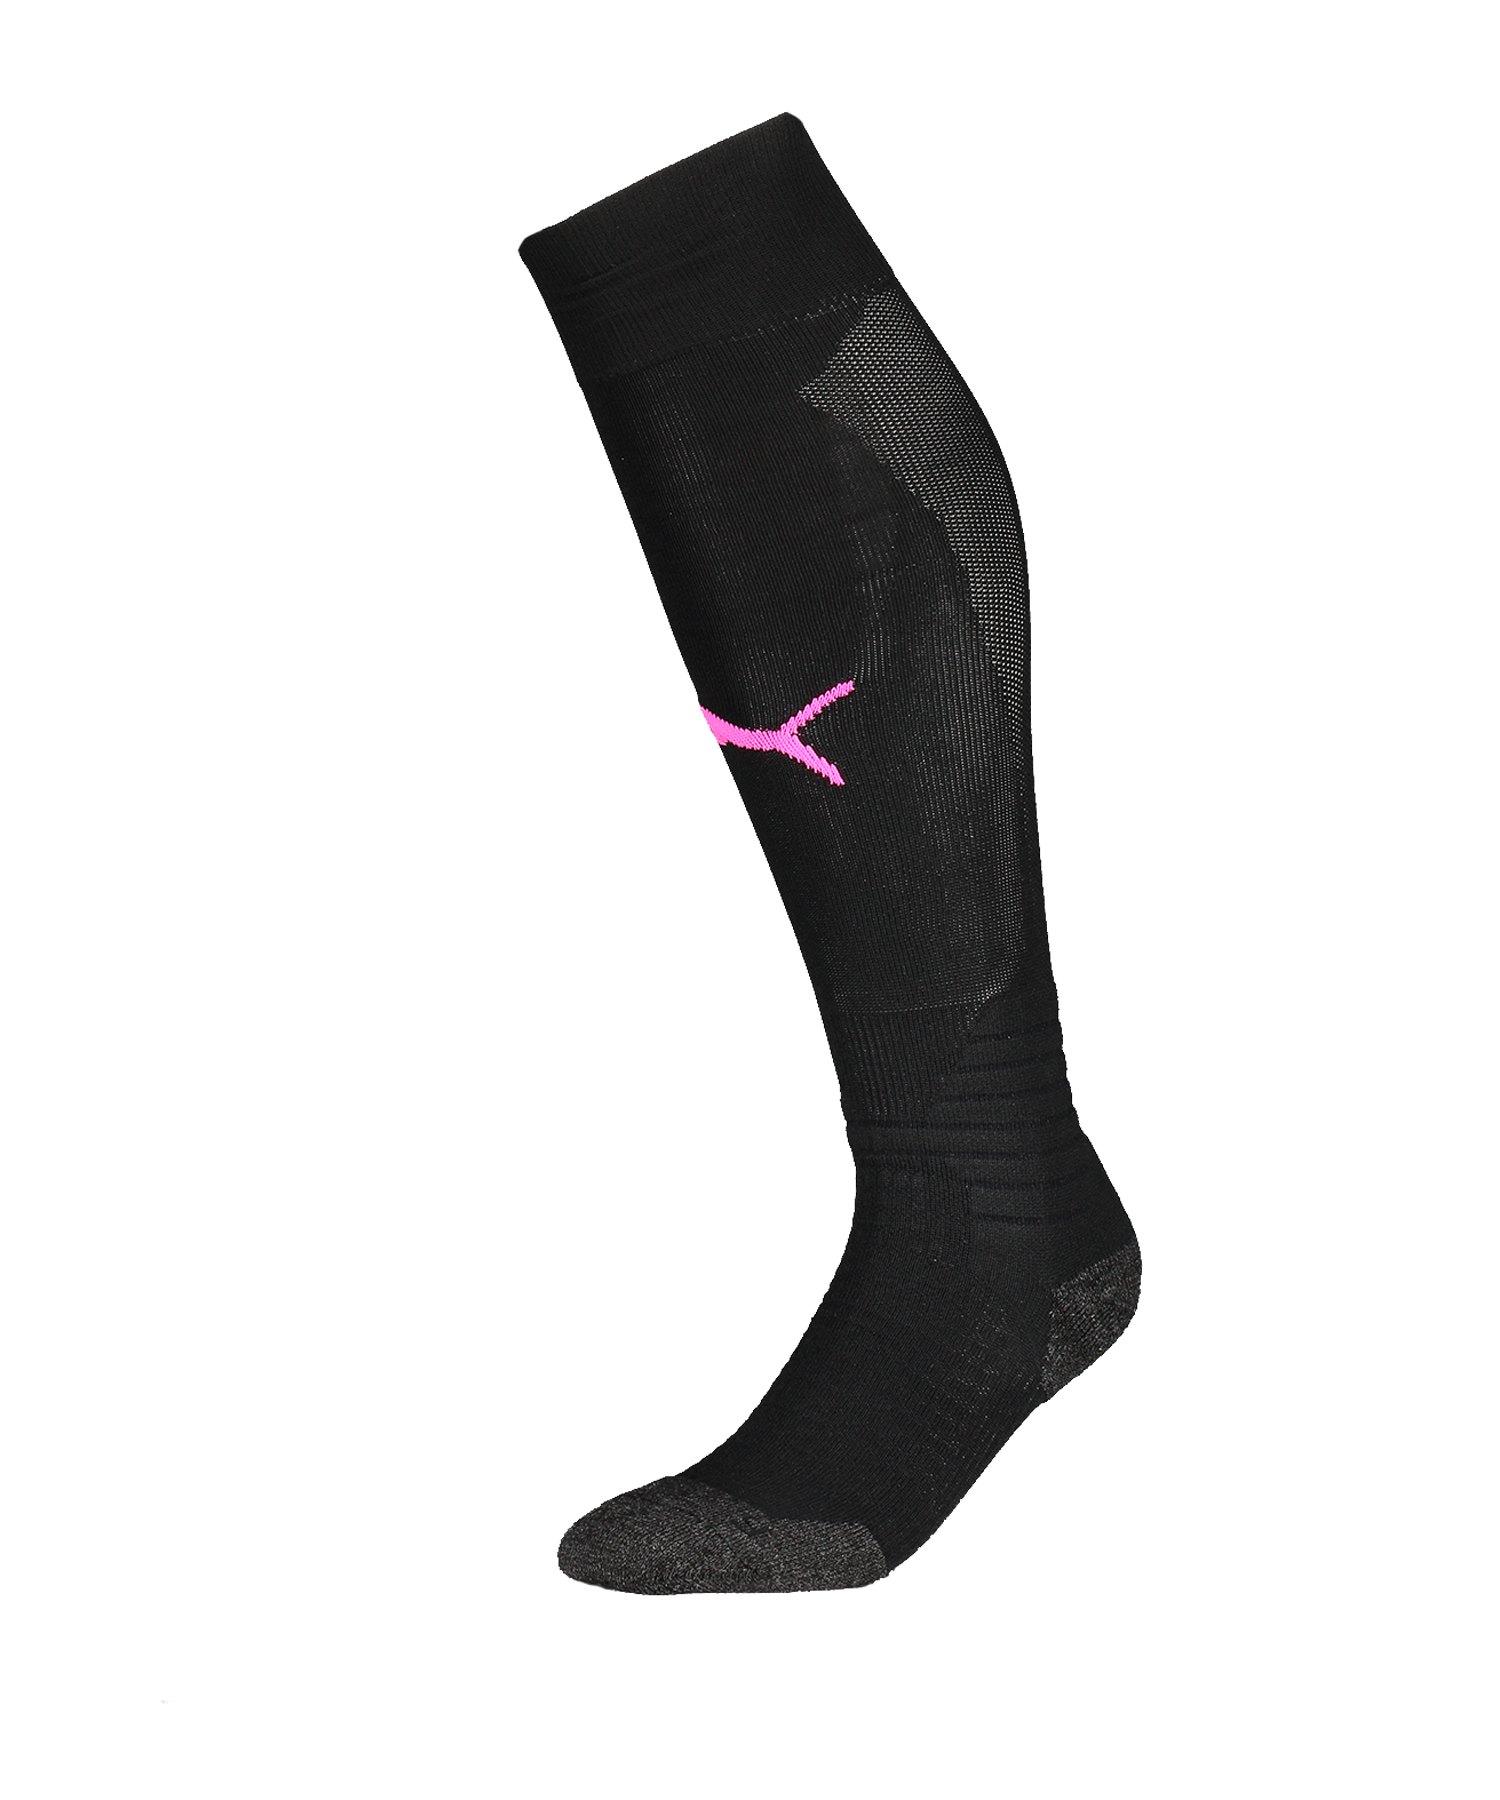 PUMA LIGA Socks Stutzenstrumpf Schwarz Pink F31 - schwarz